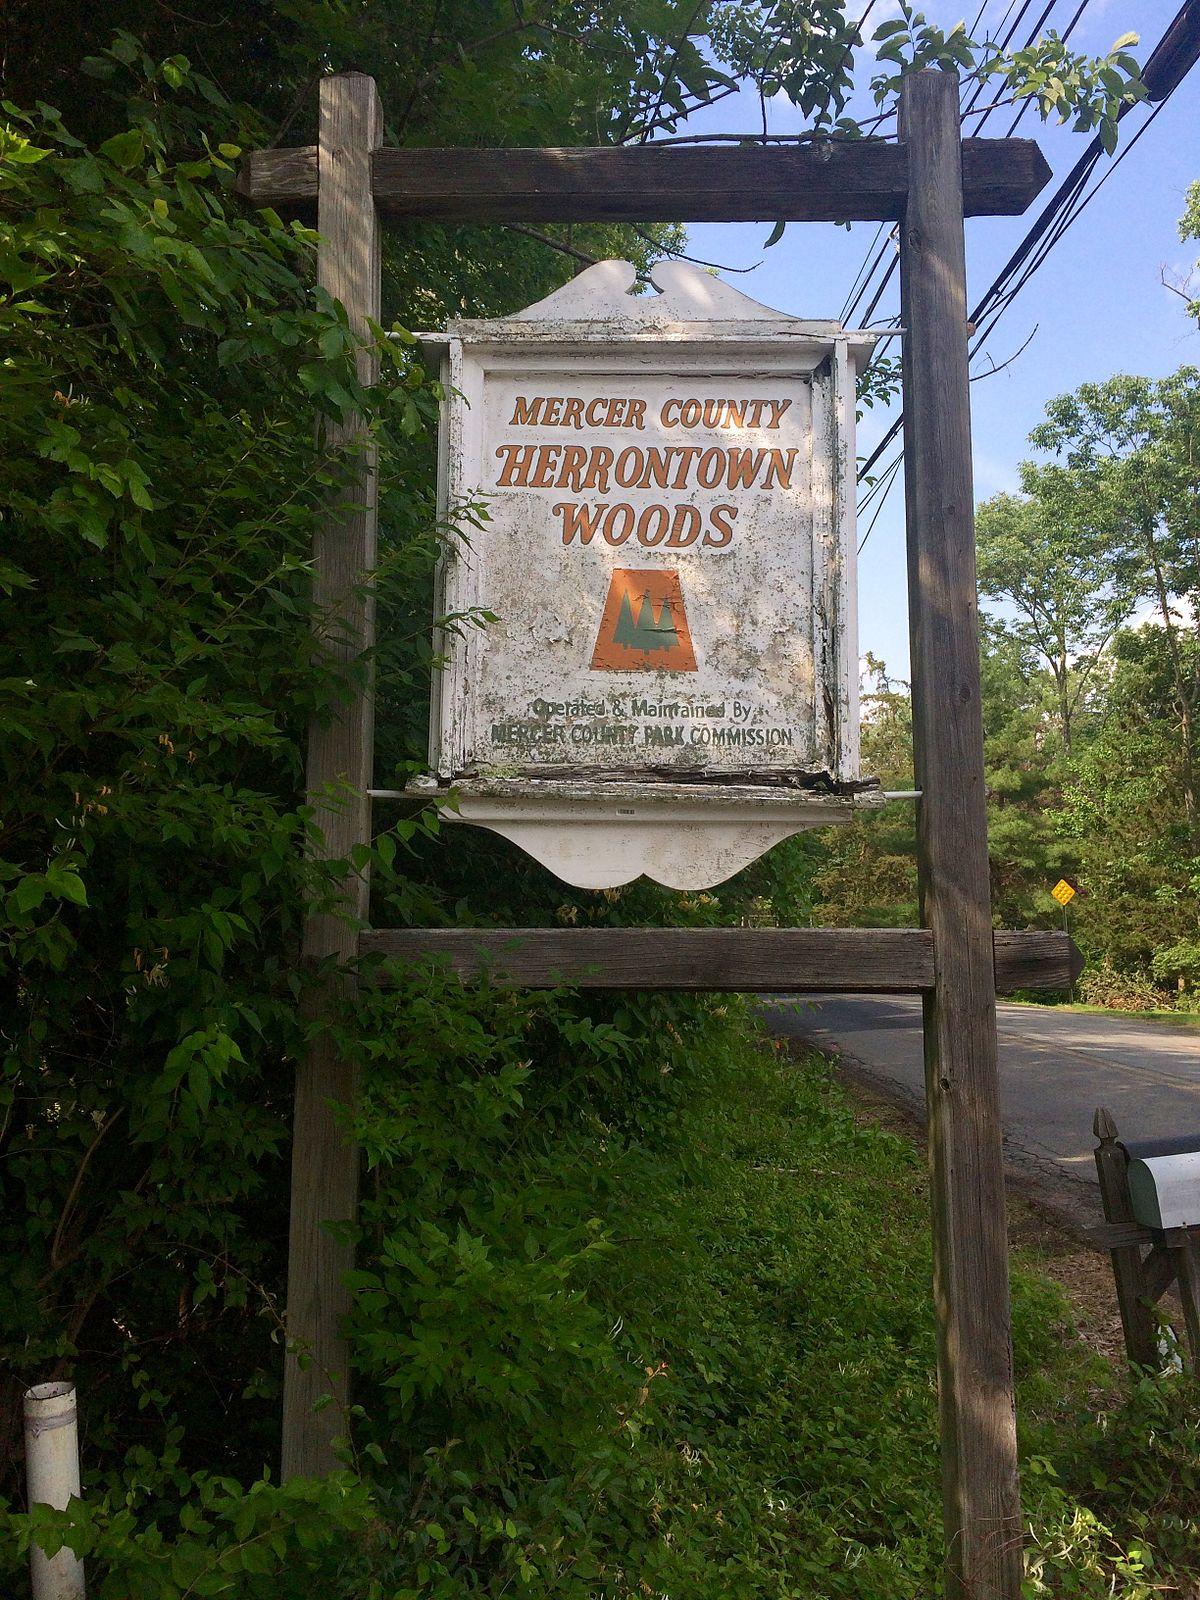 herrontown woods arboretum wikipedia